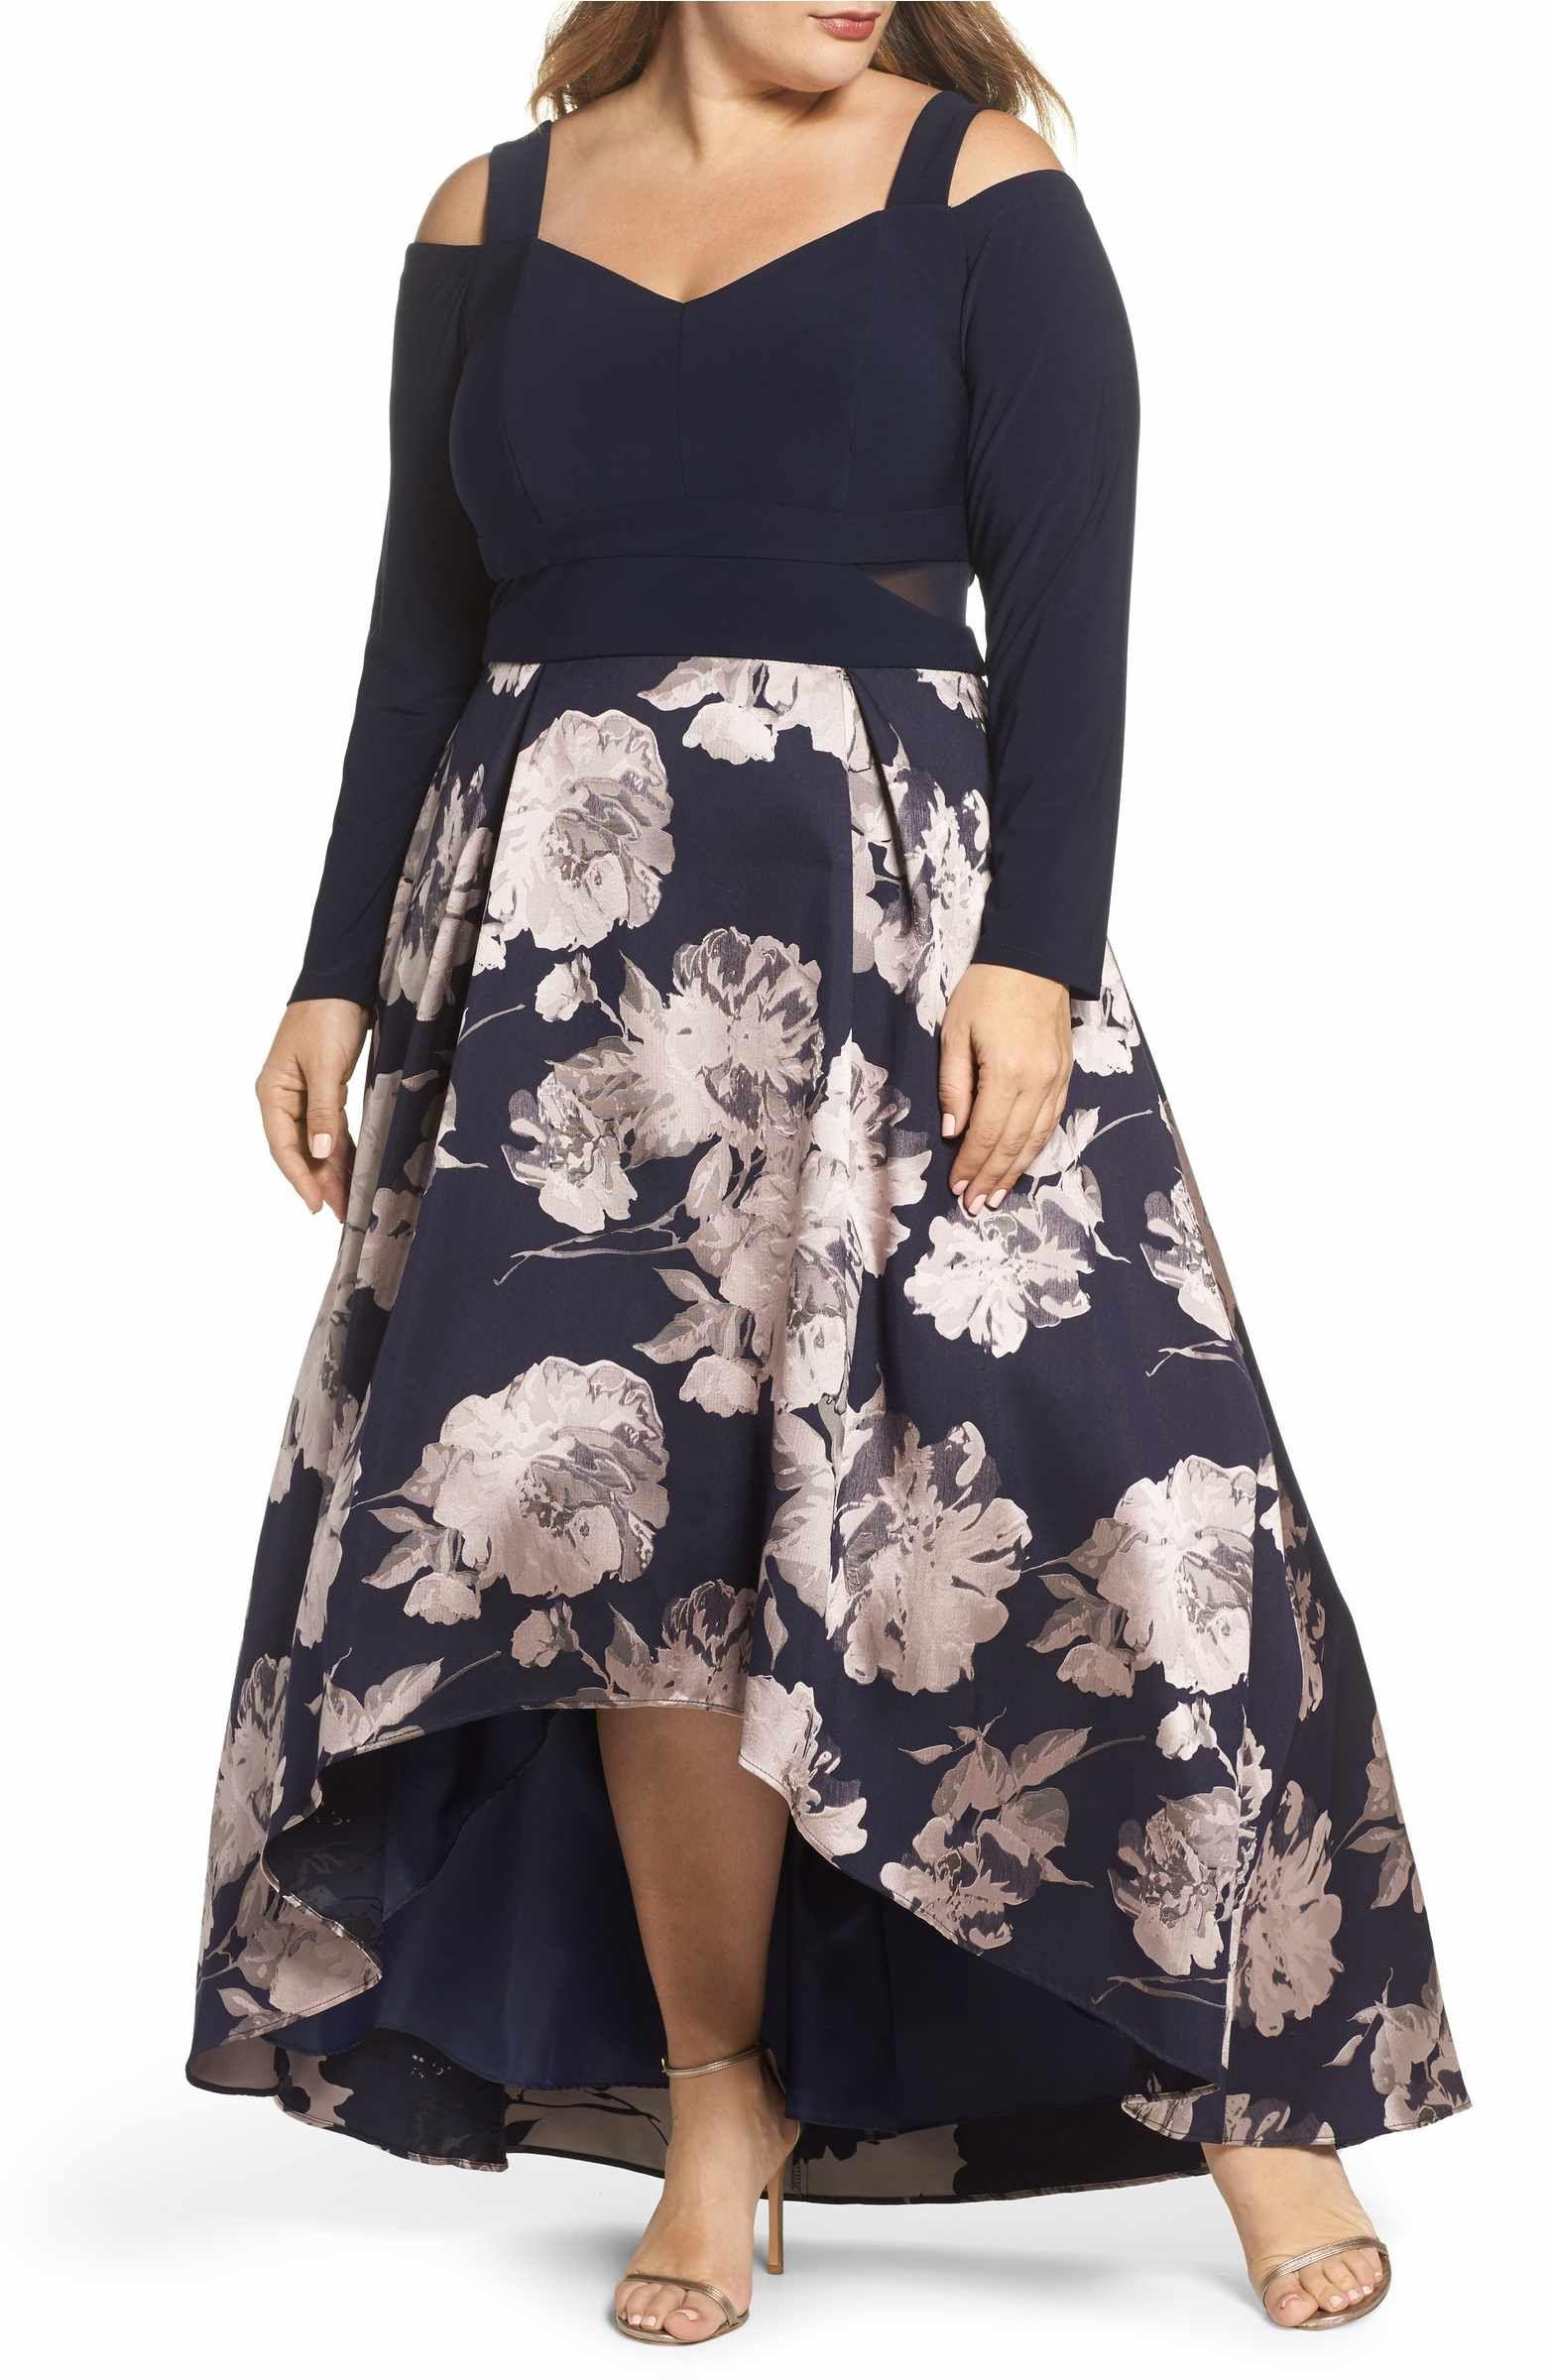 e46439f7d13 Main Image - Xscape Cold Shoulder Brocade High Low Dress (Plus Size ...